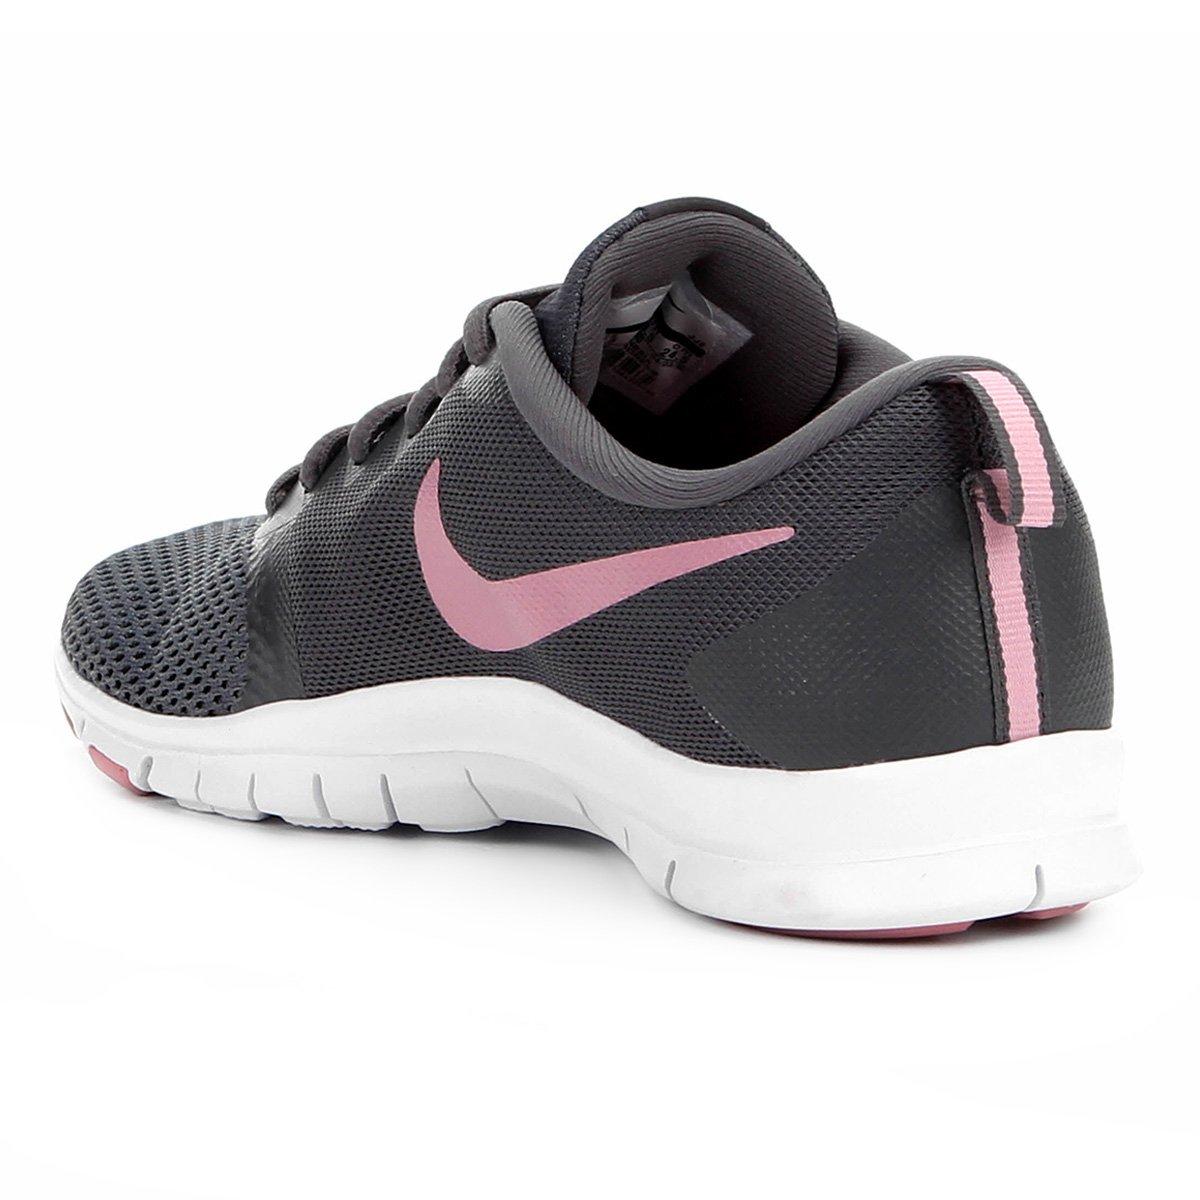 6b73c1c72c5dc ... Foto 2 - Tênis Nike Flex Essential TR Feminino ...